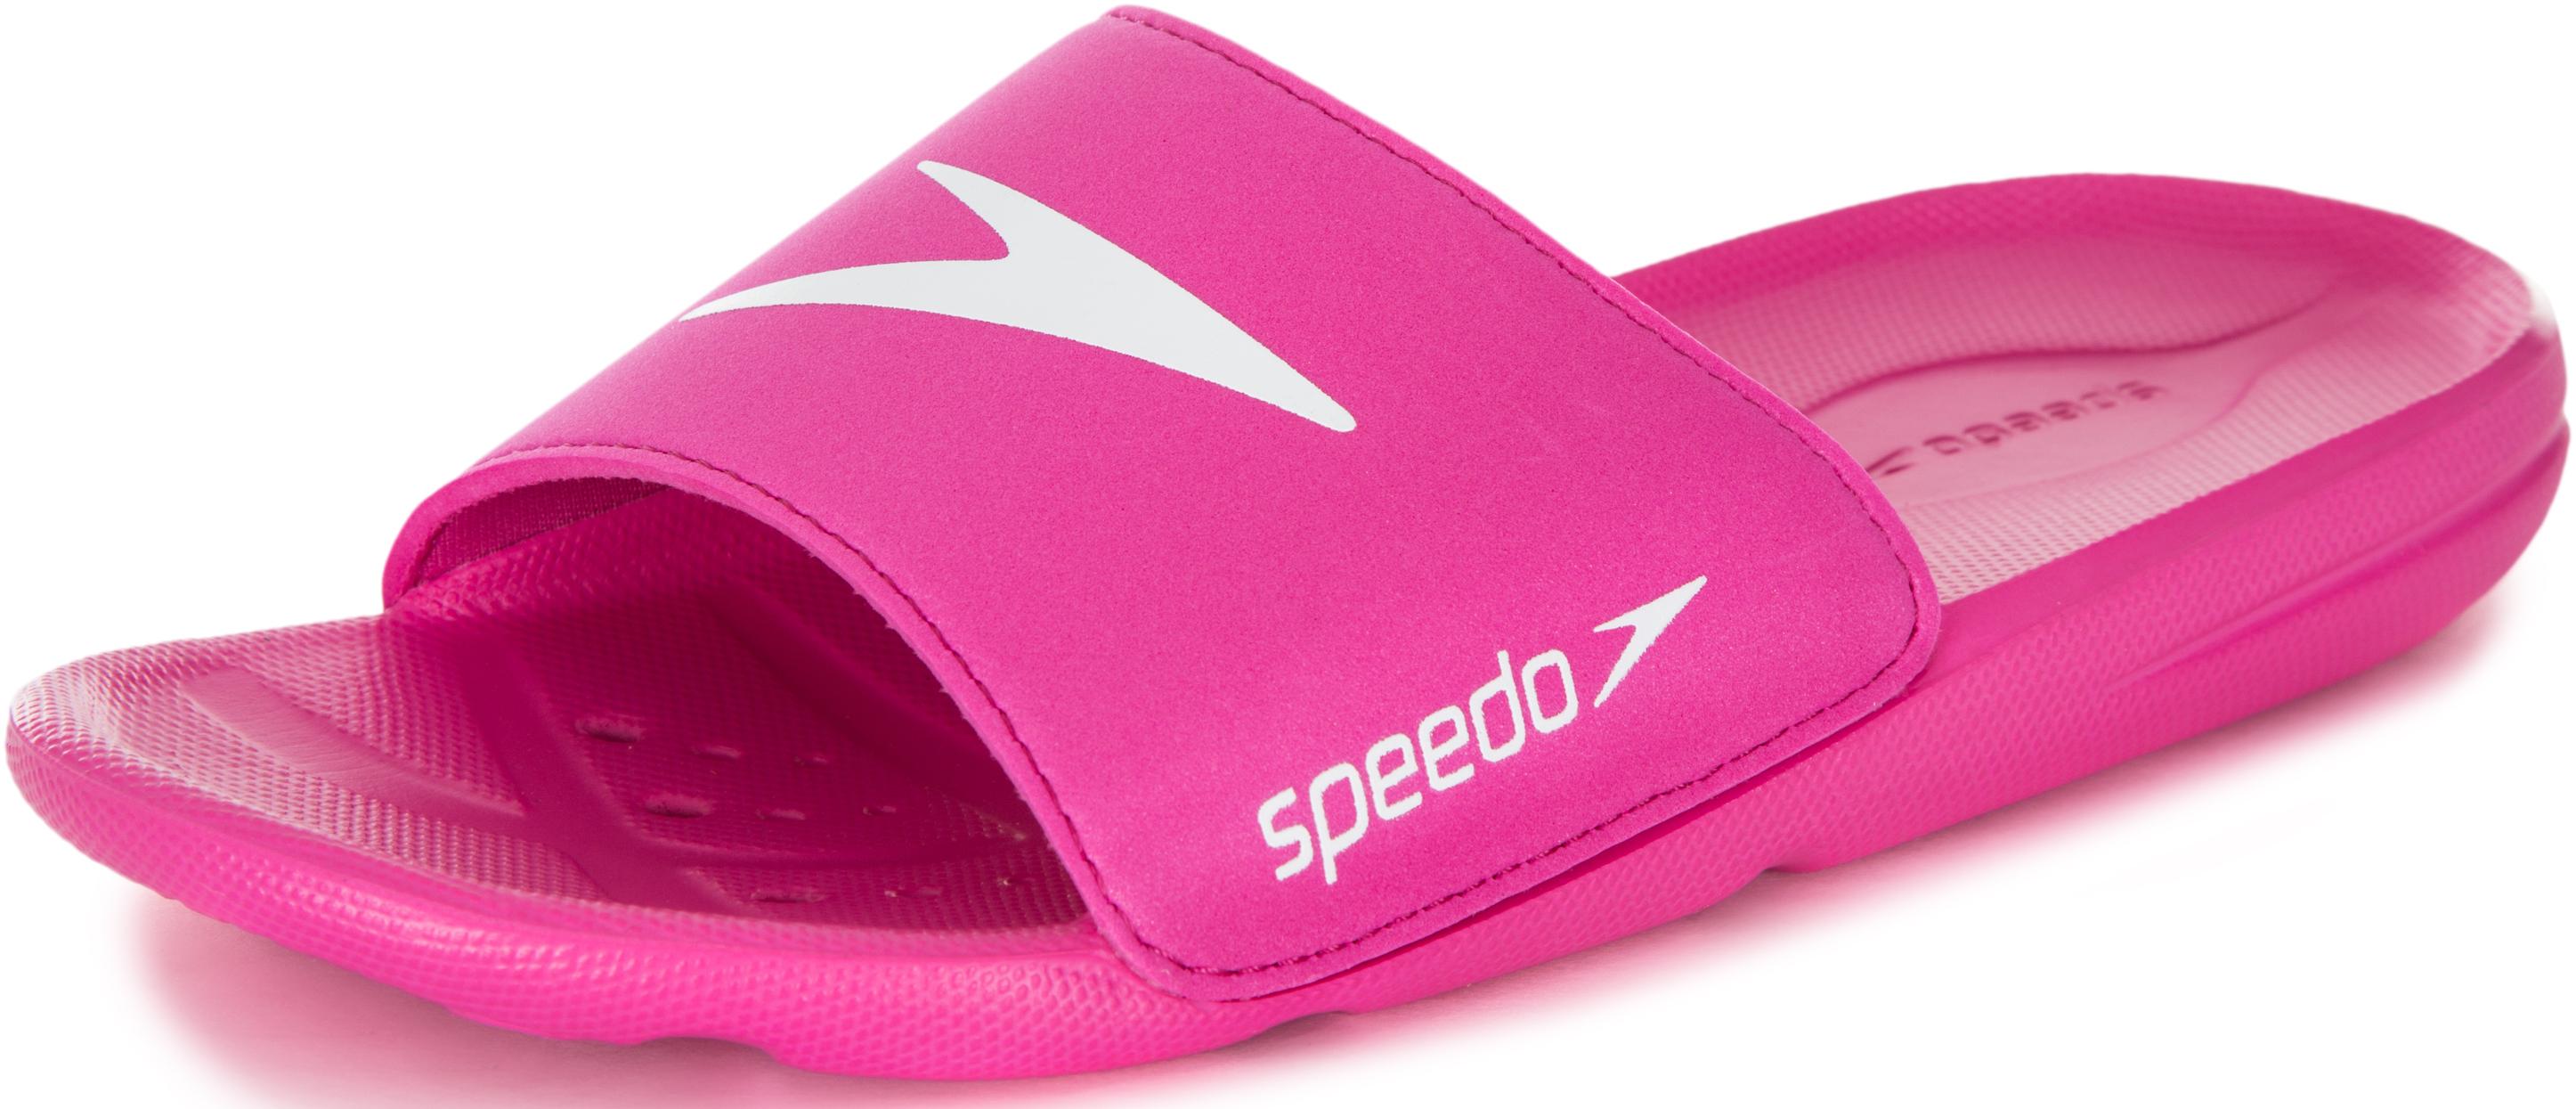 Speedo Шлепанцы для девочек Speedo Atami Core, размер 37-38 цена 2017